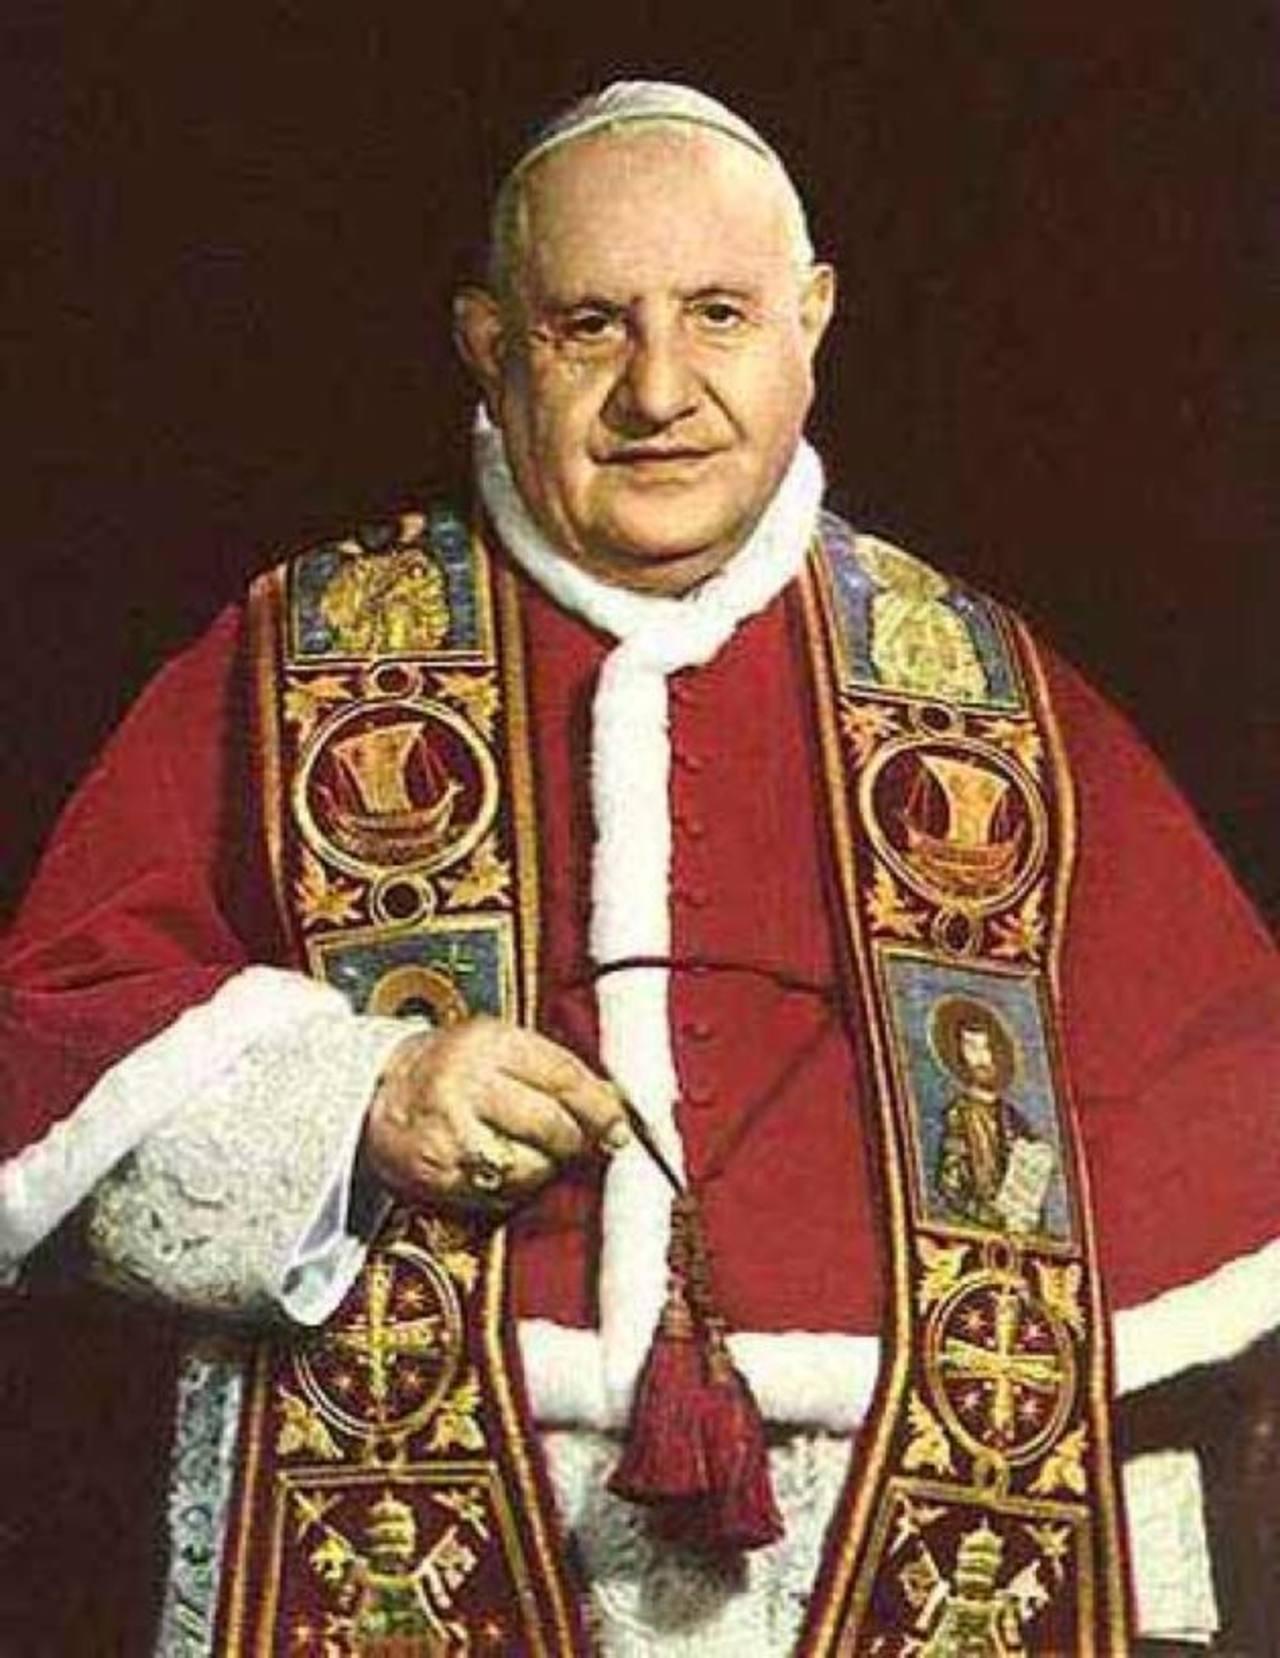 """La soliciantenimiento$25 mil anuales por 10 años. Una """".com"""" cuesta menos foto Juan XXIII será canonizado en una ceremonia que se realizará el 27 de abril en el Vaticano. Es recordado como 'El Papa Bueno' y fue beatificado en 2000 por el Papa Juan Pa"""